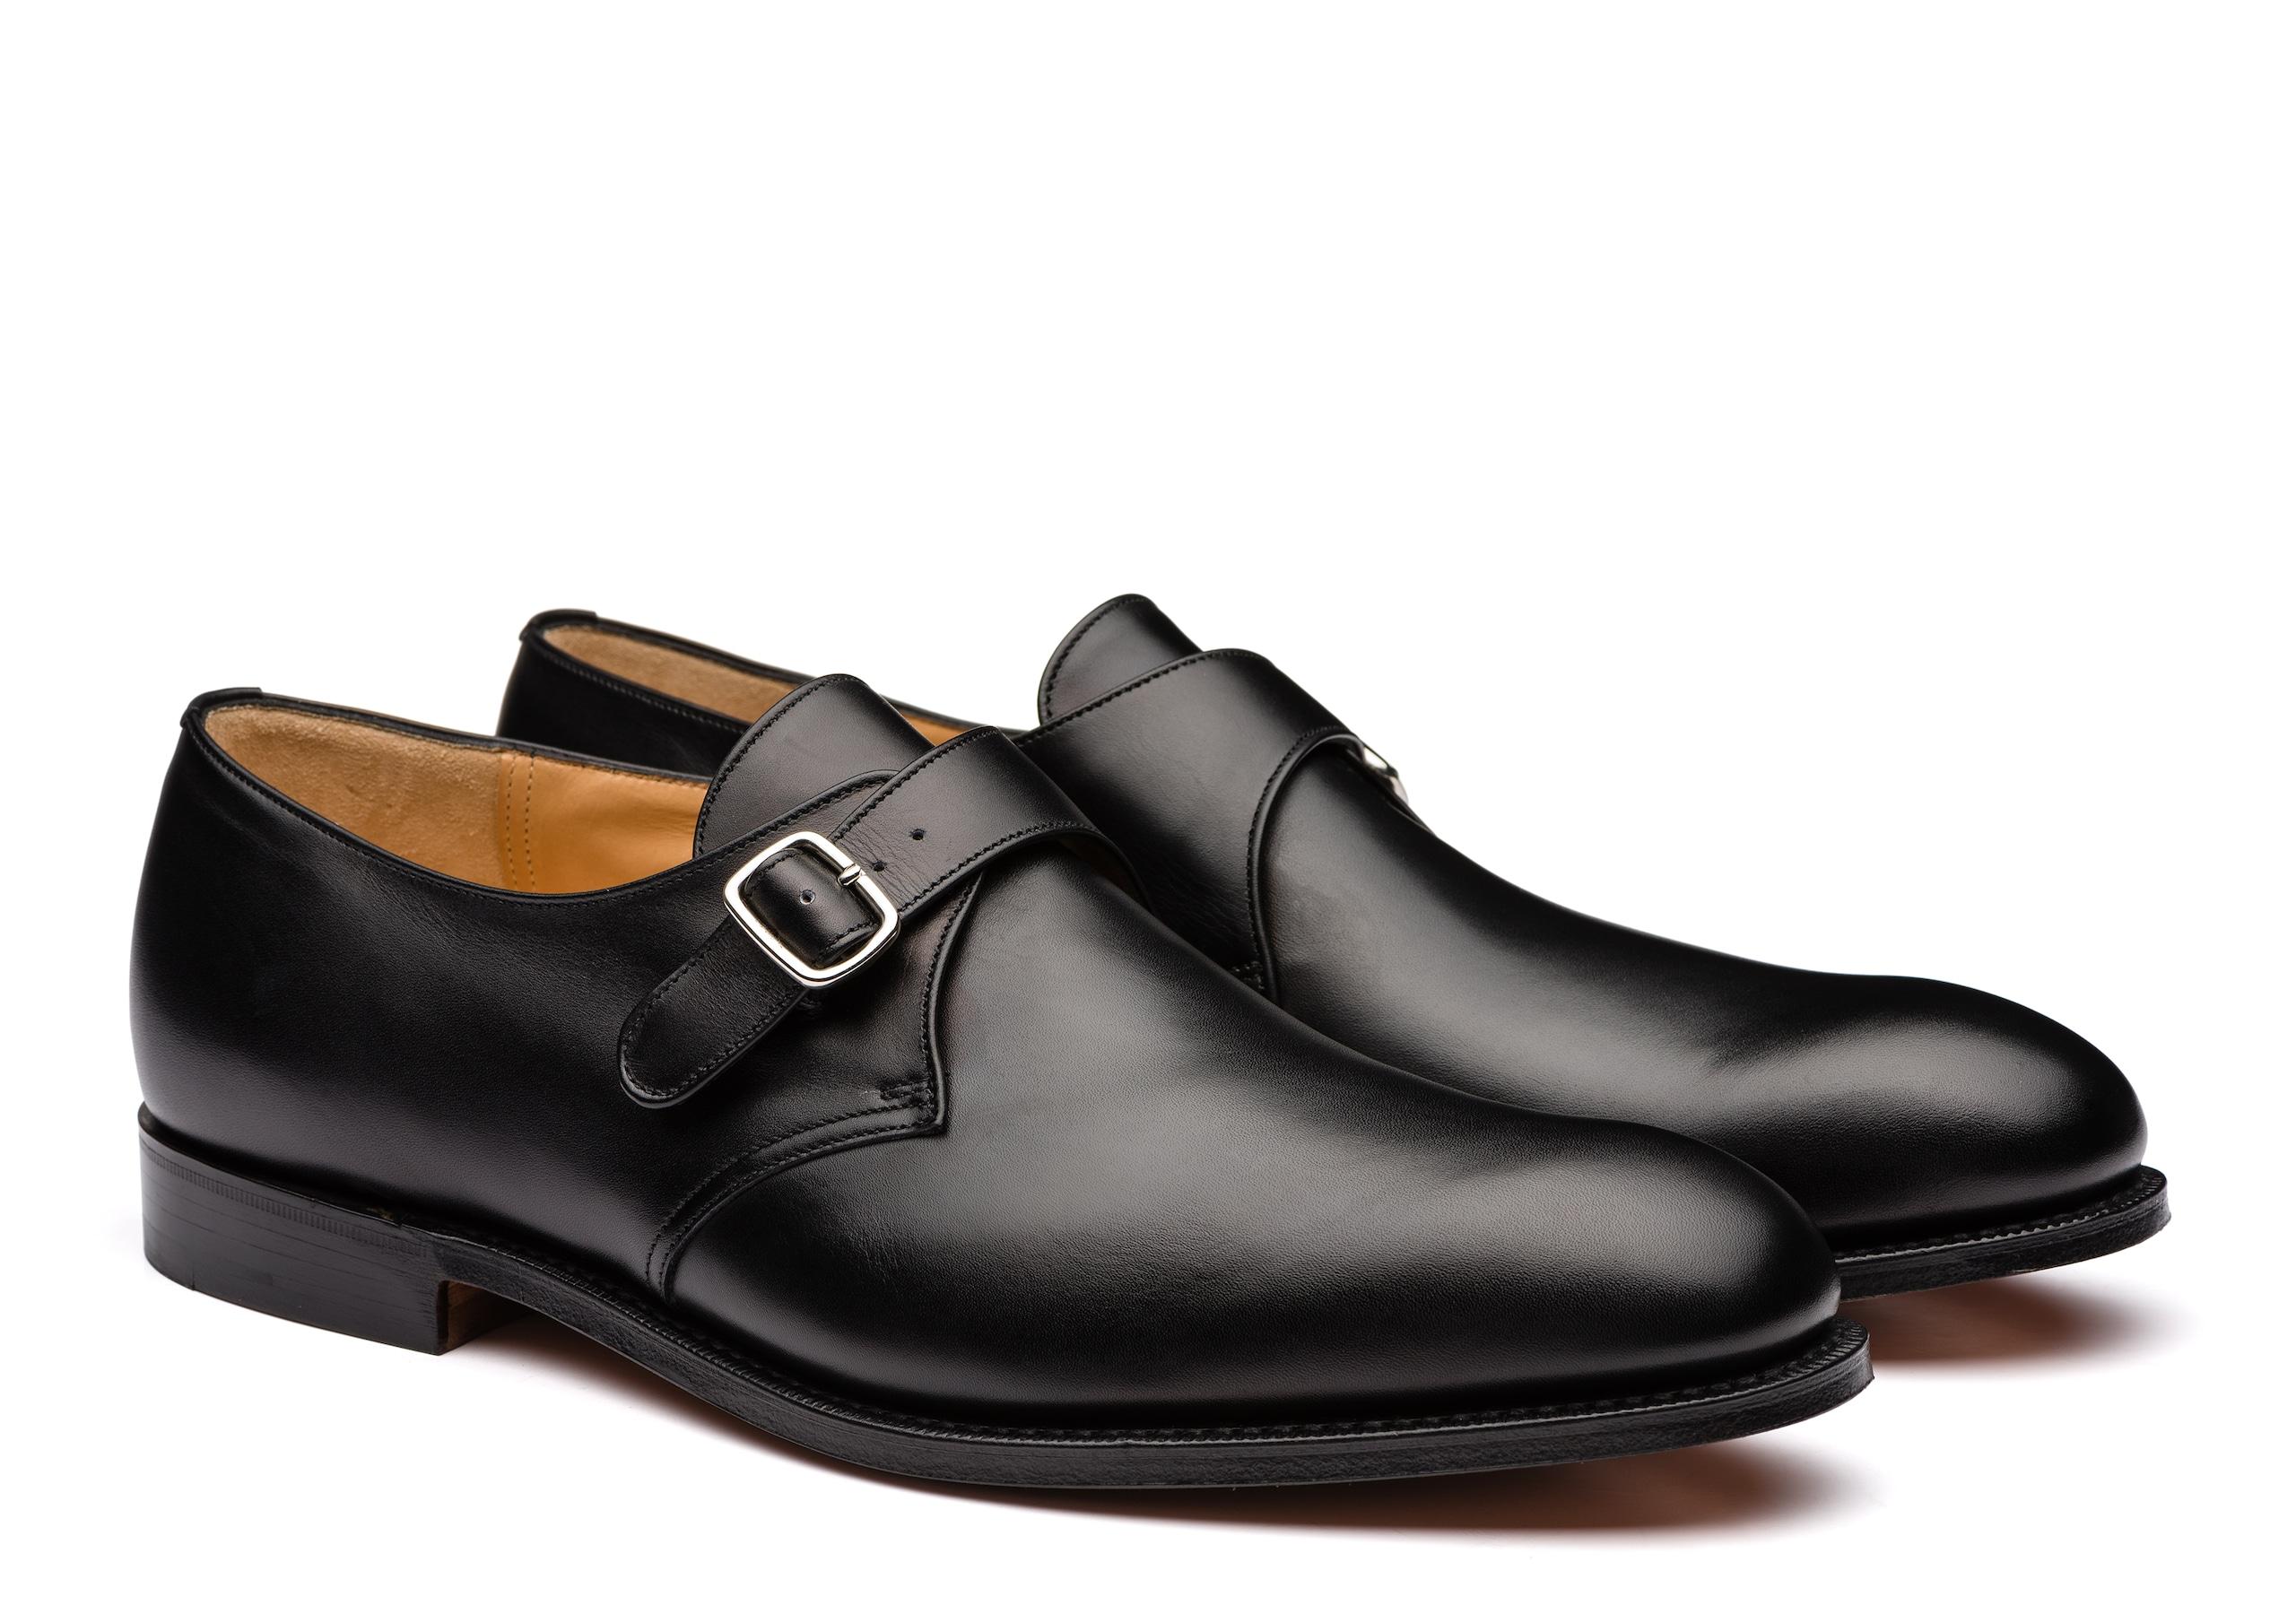 Becket Church's Chaussure à Boucle en Cuir de Veau Noir